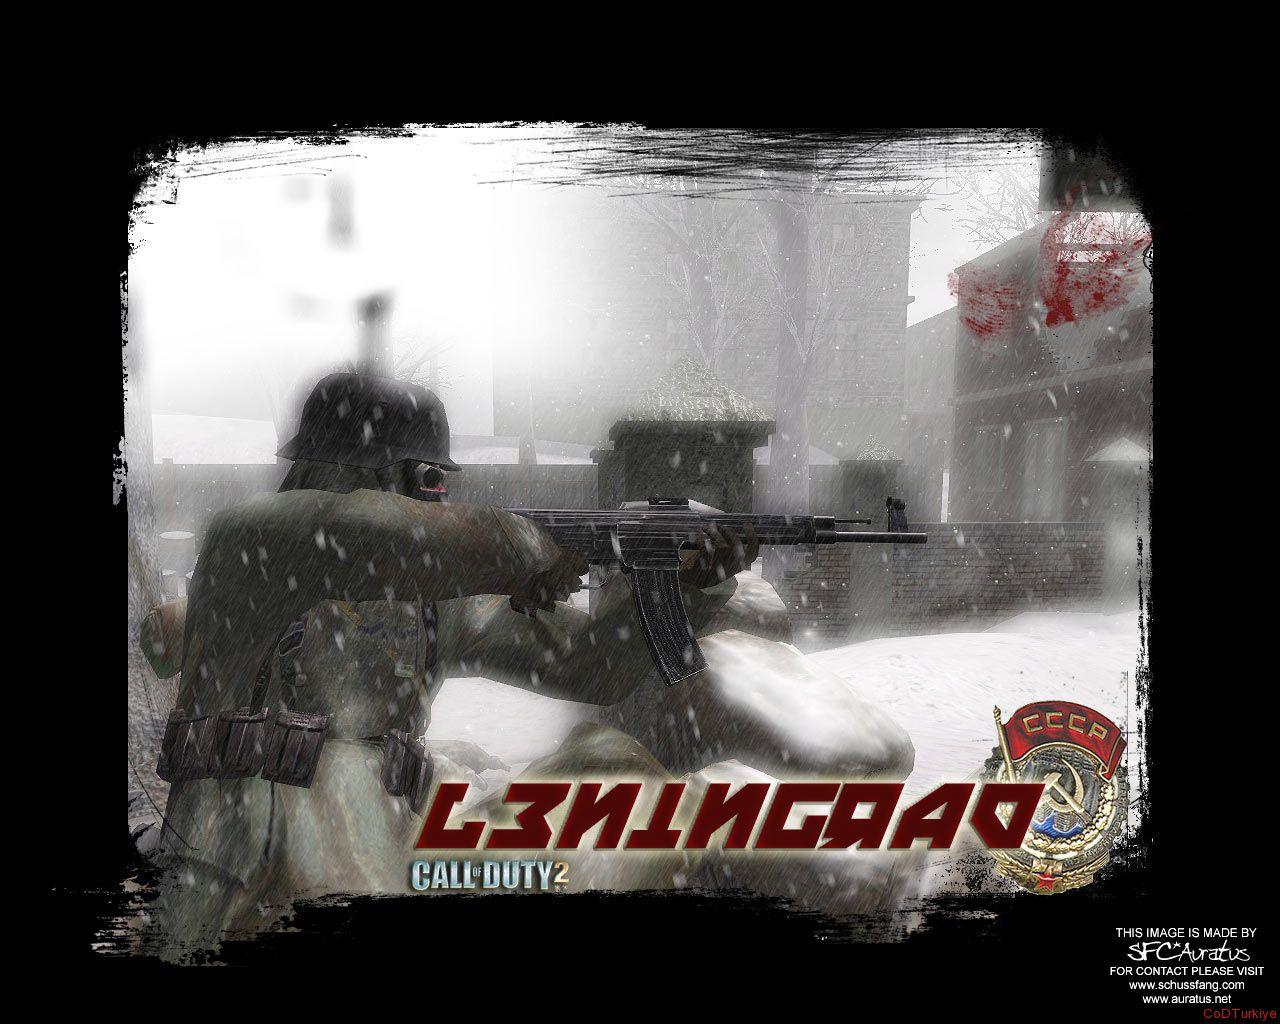 Call of Duty 2 Map Leningrad